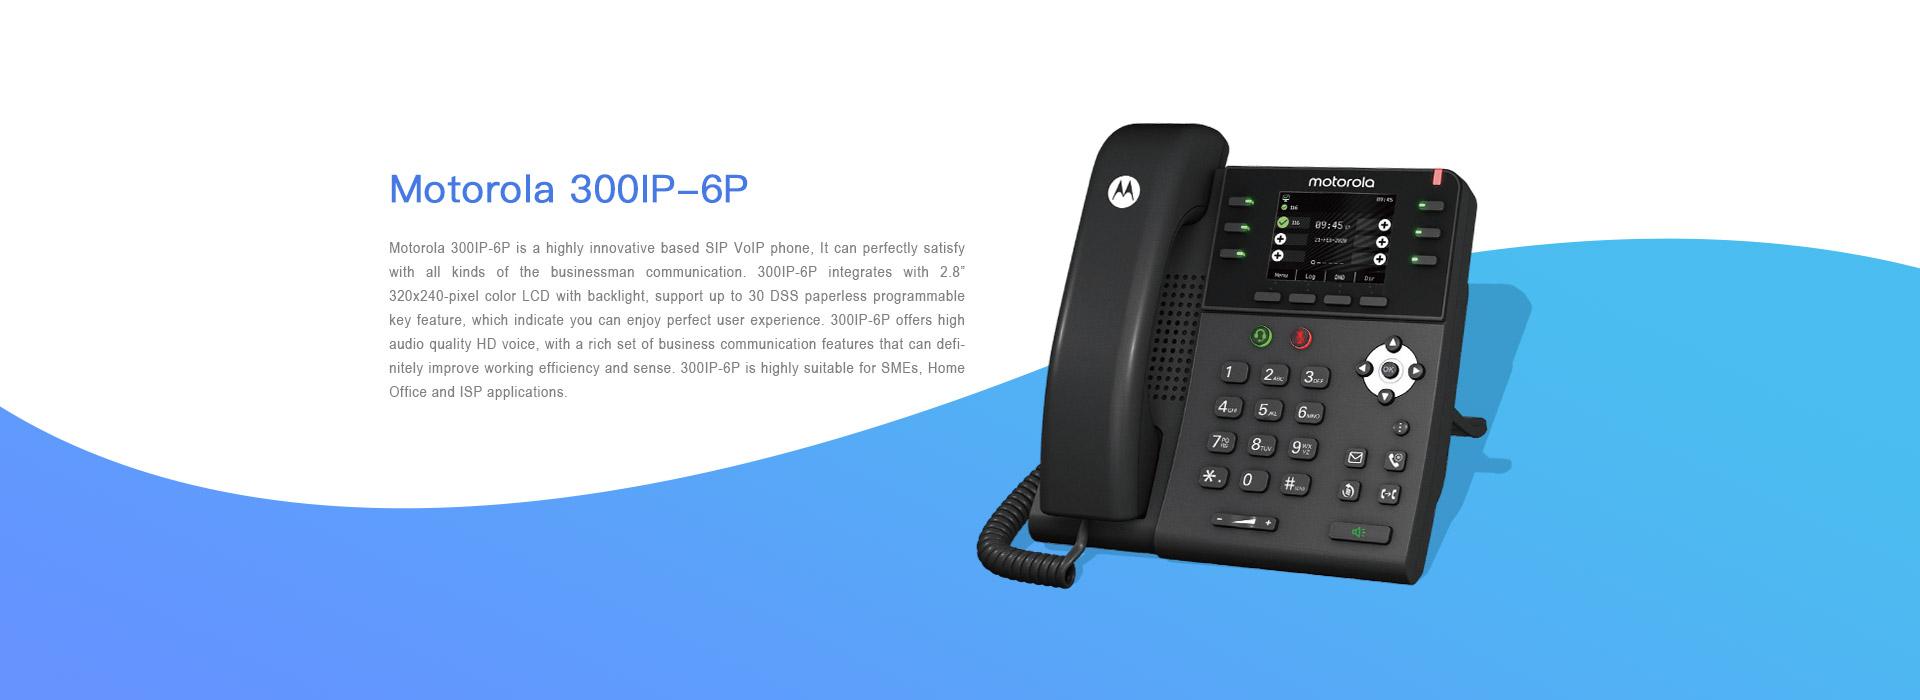 Motorola 300IP-6P Ofis Telefonu Açıklaması